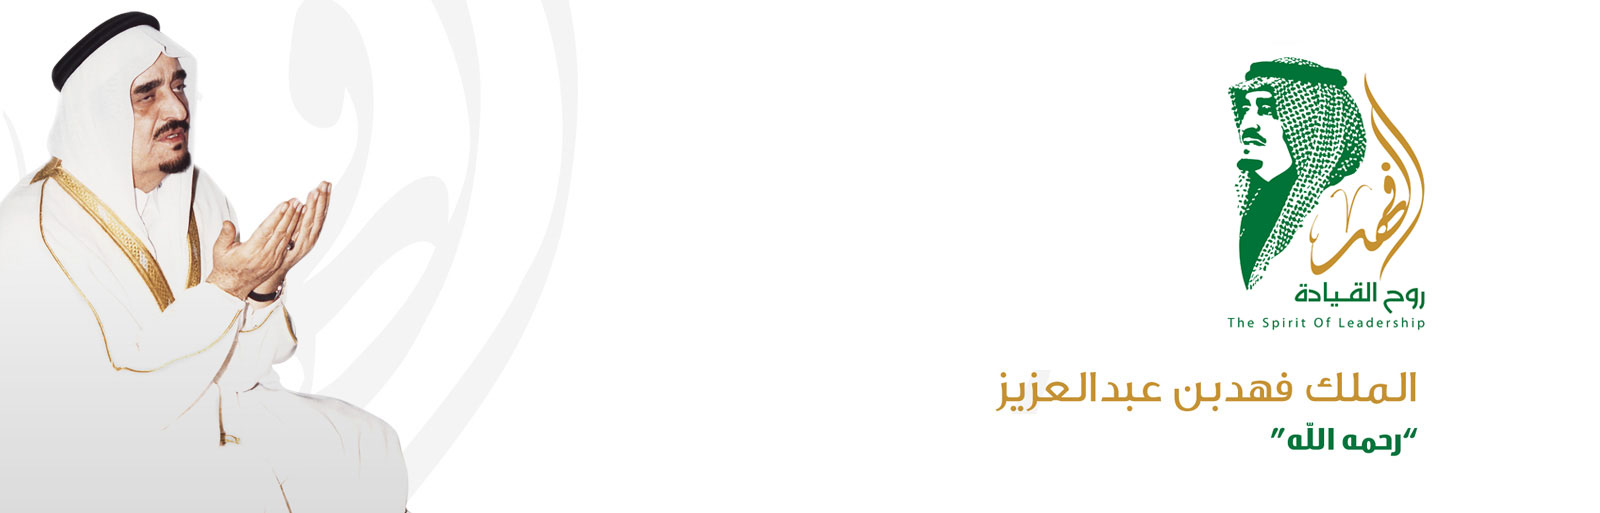 معرض الملك فهد بن عبد العزيز فى الكويت